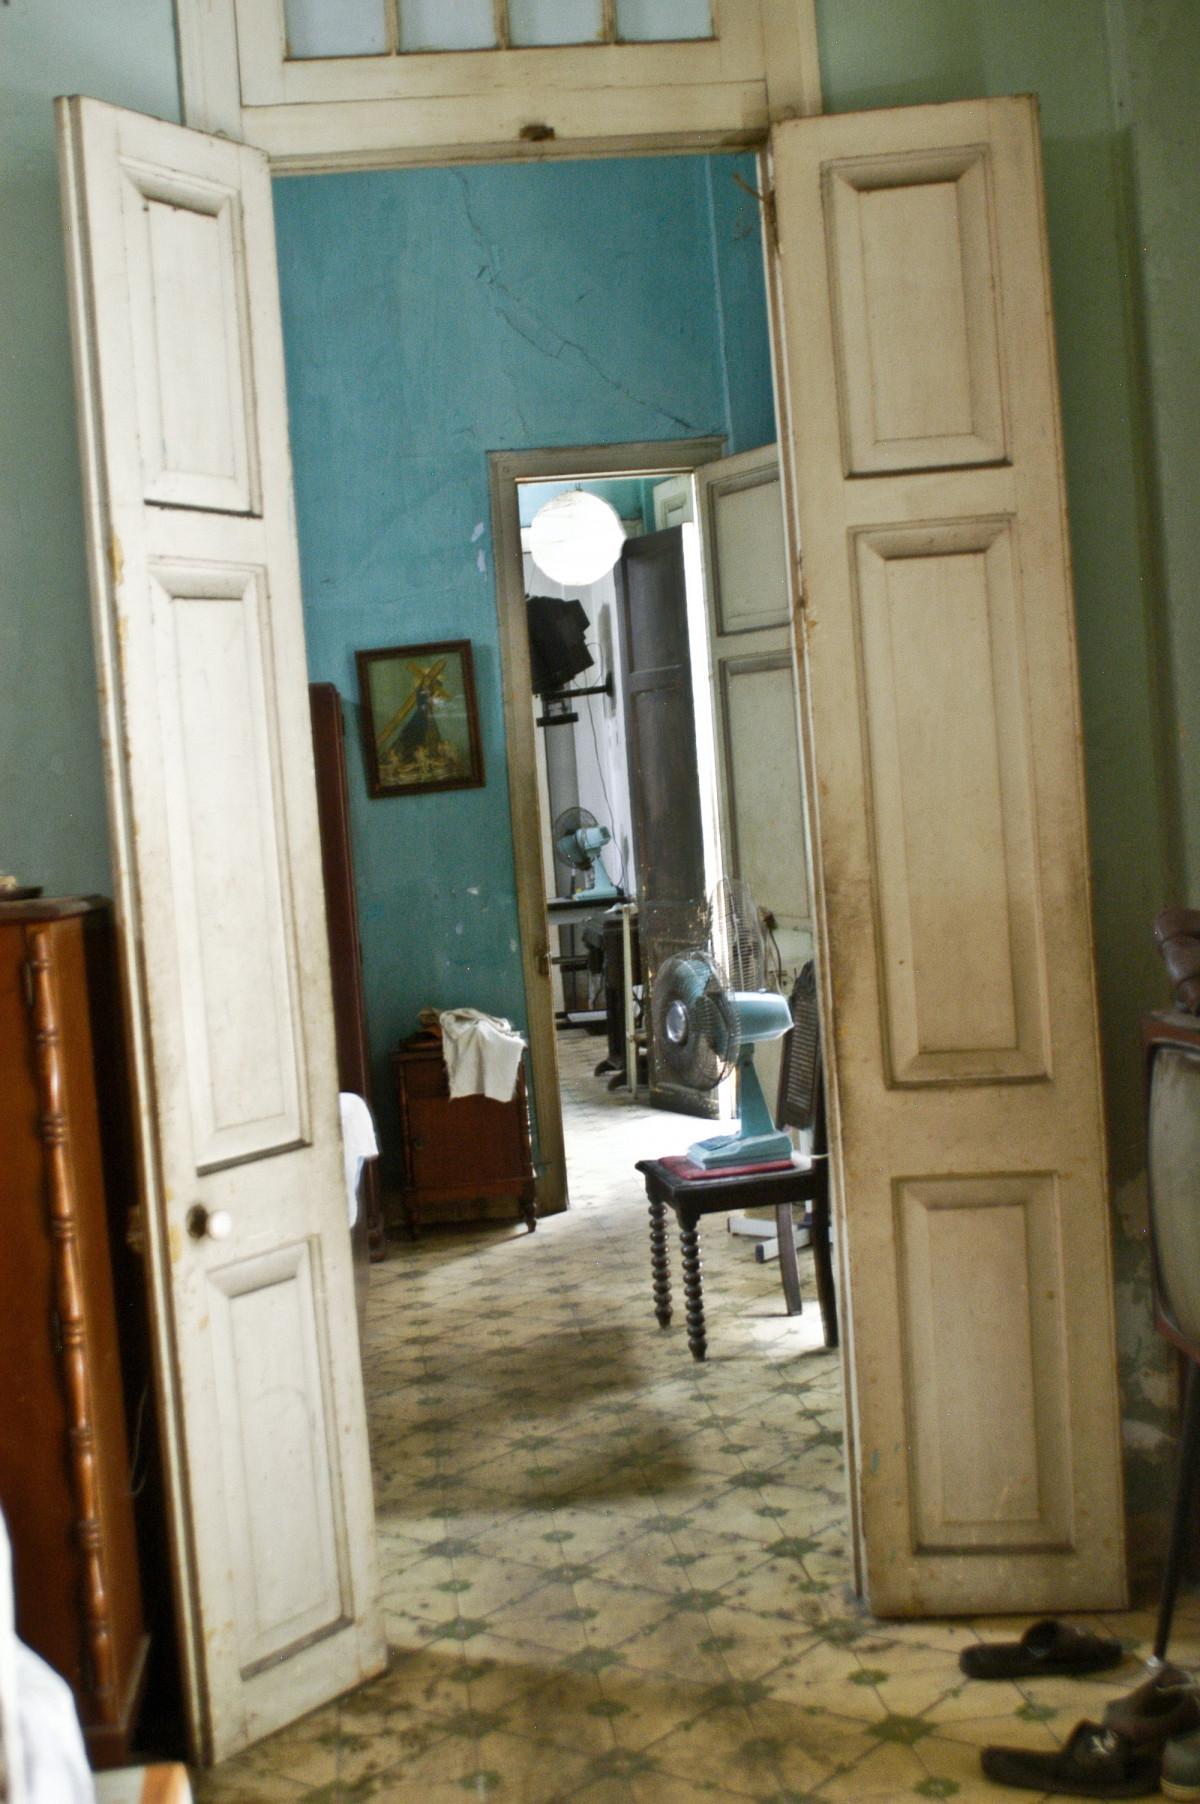 images gratuites bois manoir maison sol fen tre salle chalet propri t meubles. Black Bedroom Furniture Sets. Home Design Ideas